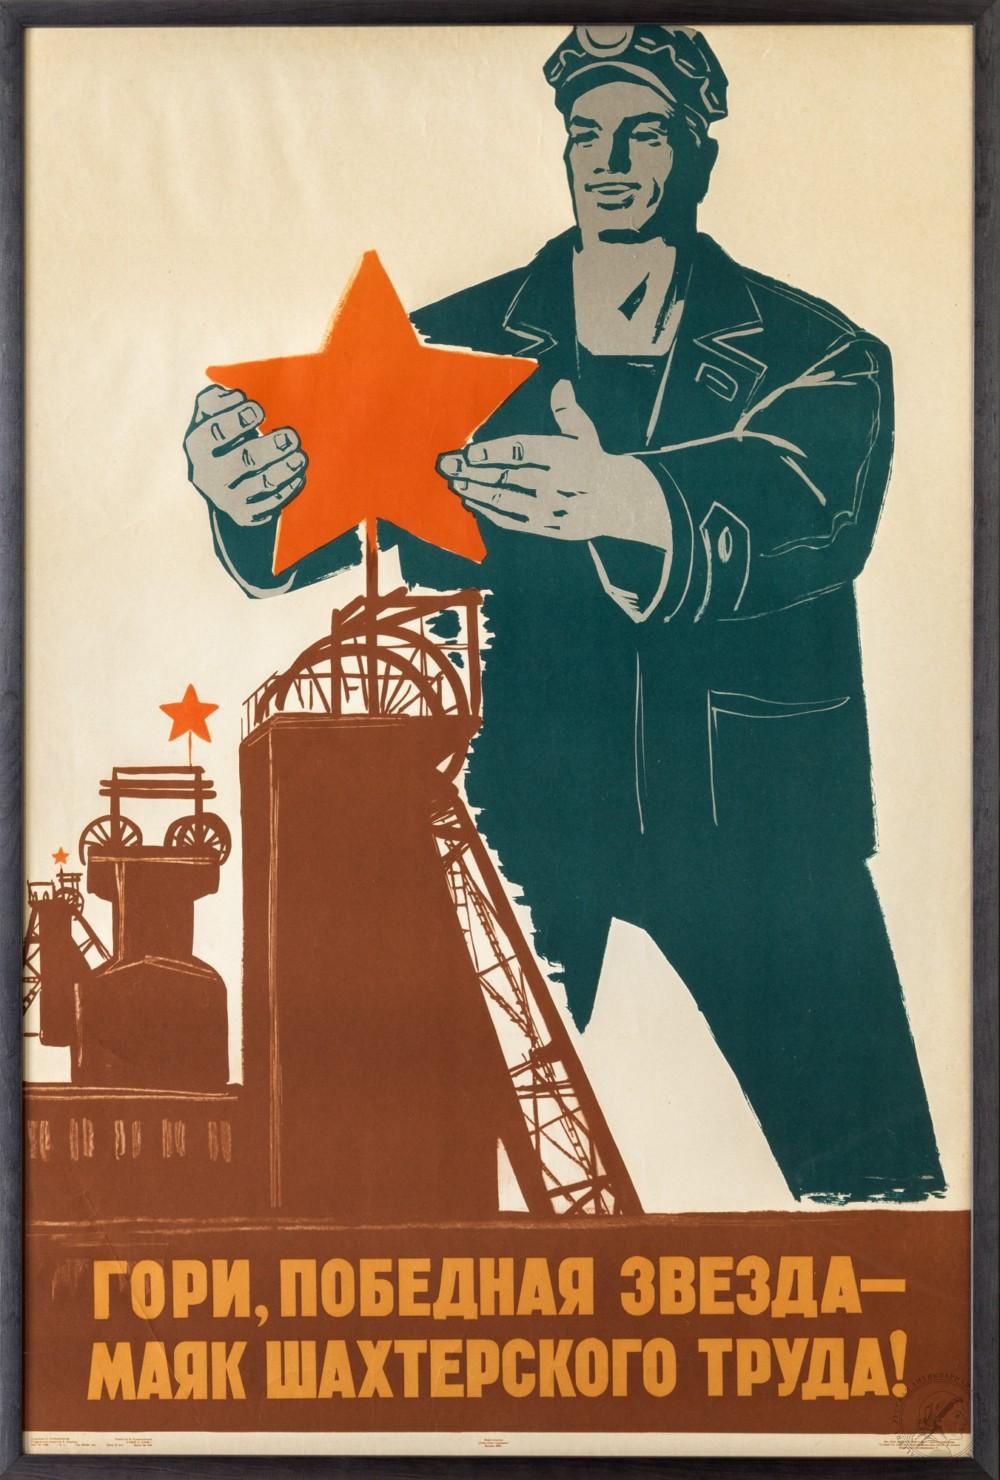 Агитплакат как искусство агитации в советском обществе